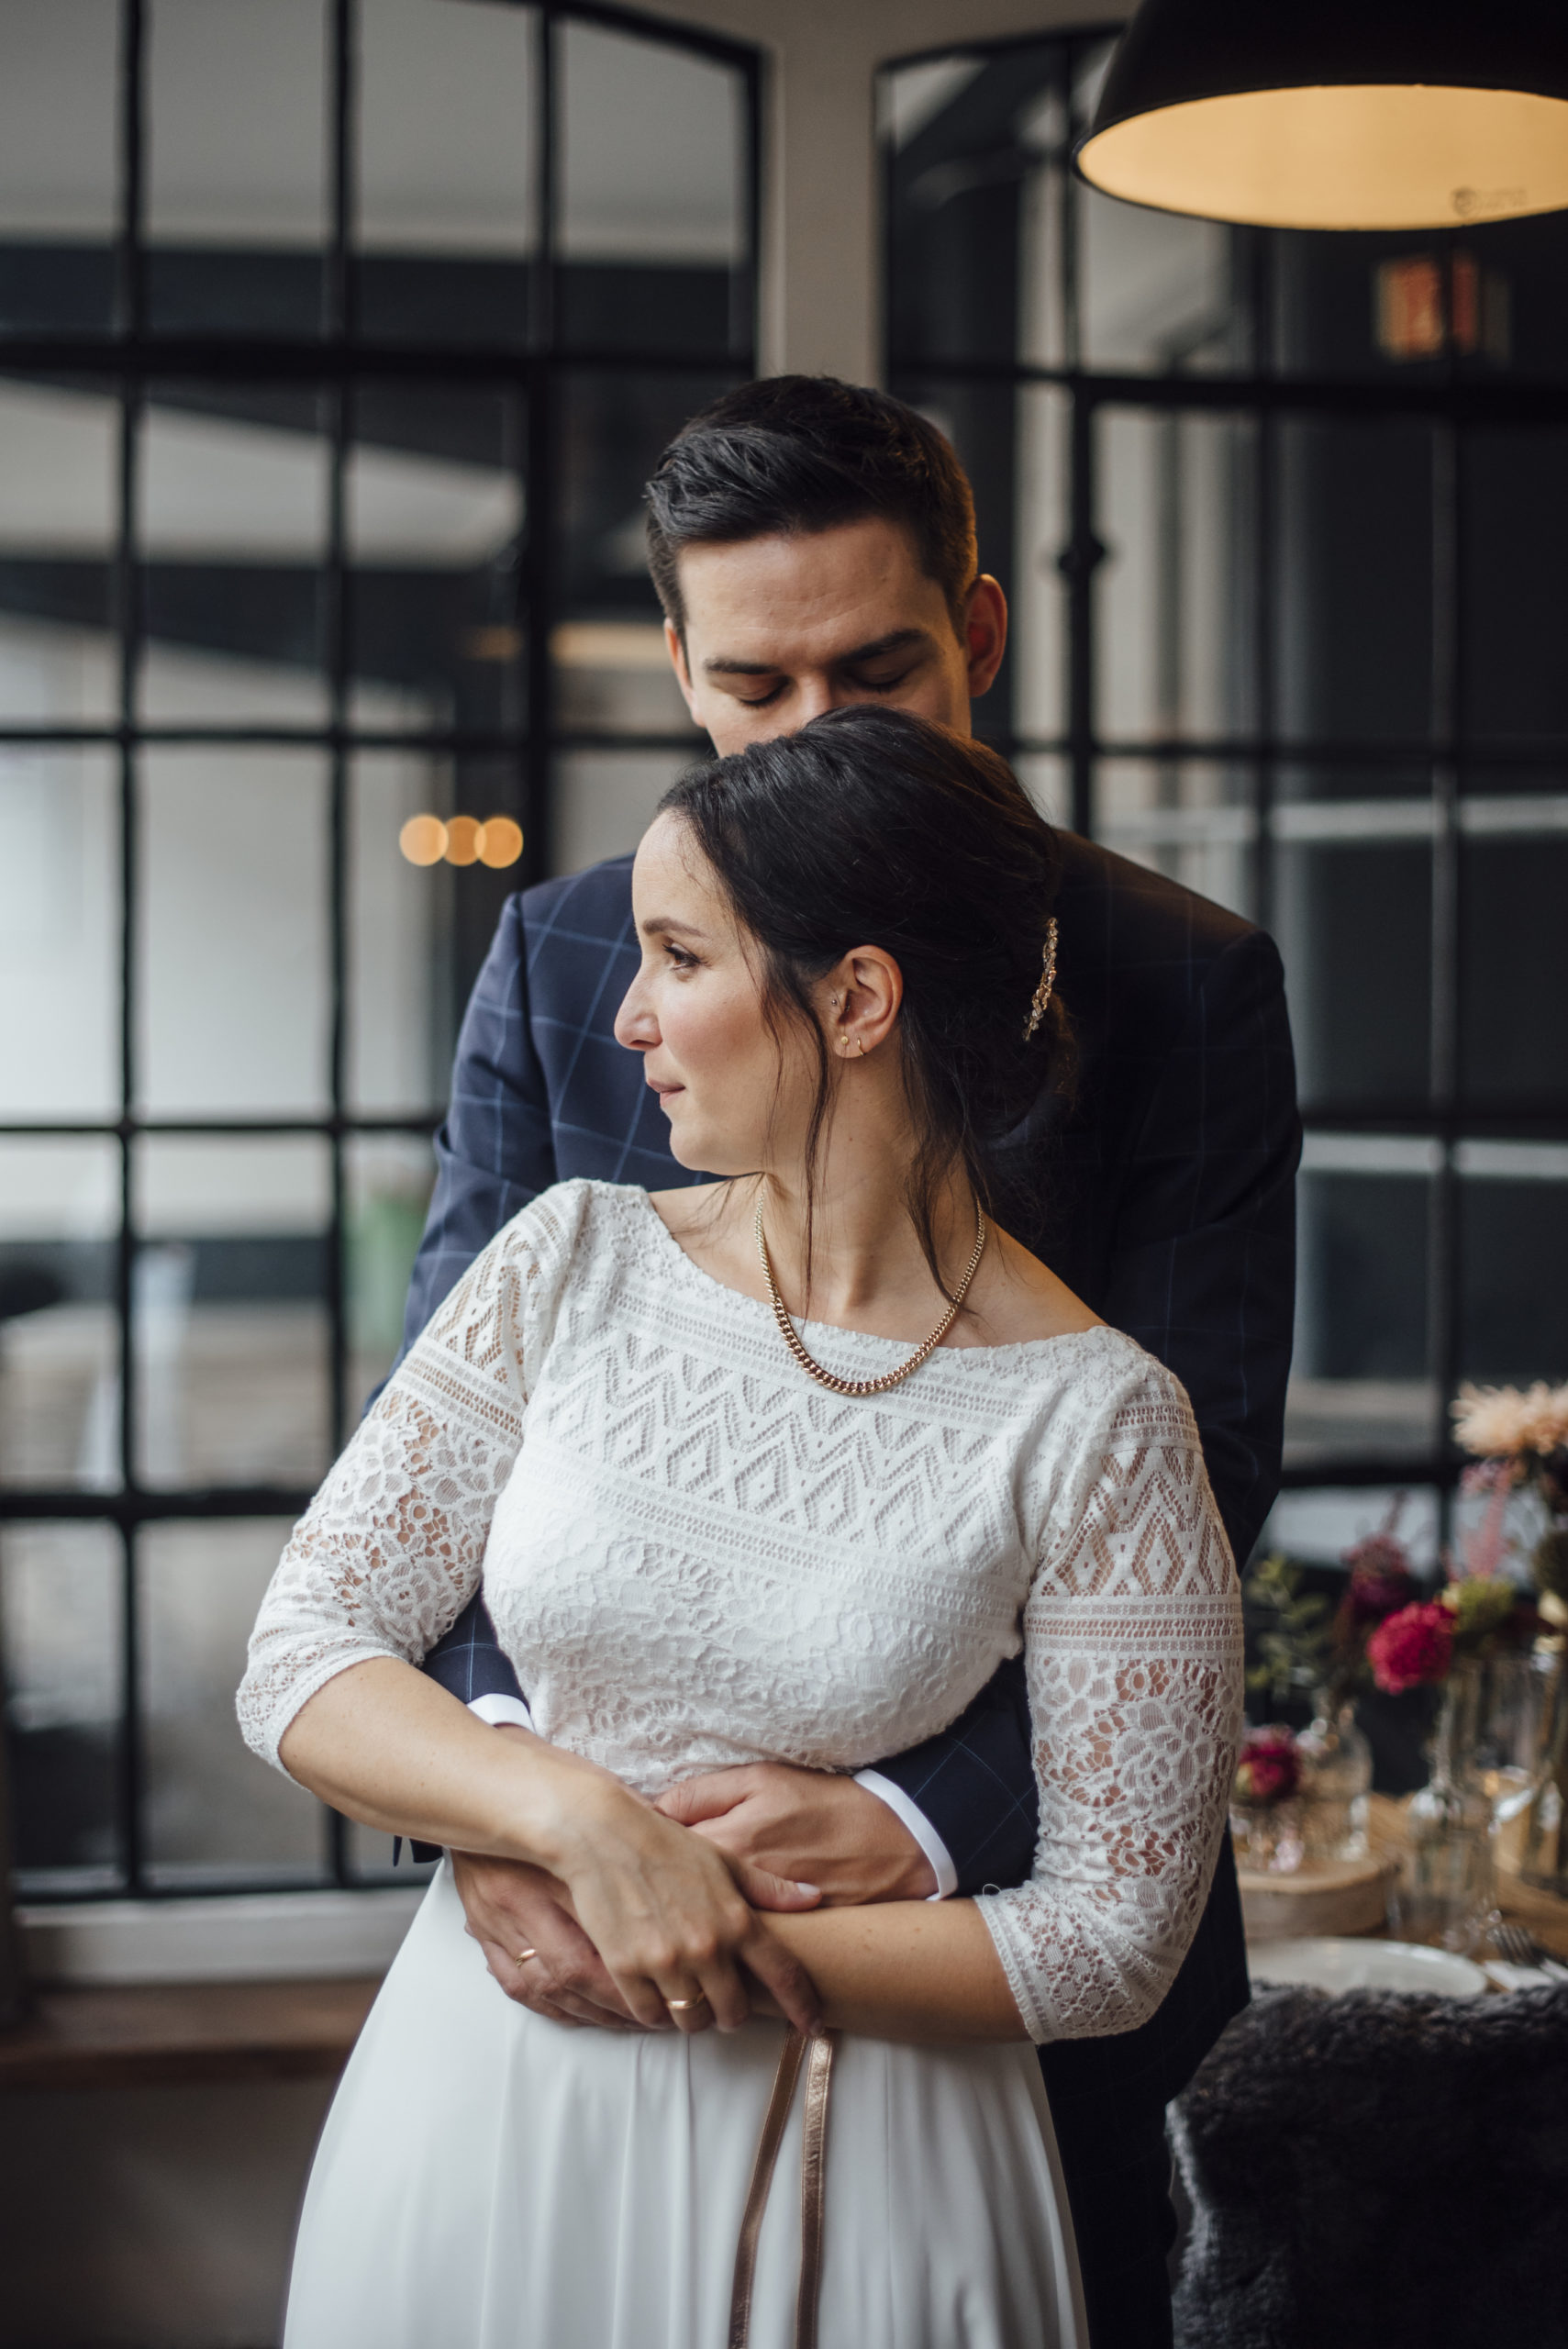 Brautpaar in Hochzeitslocation, Braut in weißem Brautkleid-Zweiteiler und Gürtel in Roségold-Metallic, Bräutigam mit blau-kariertem Anzug und Fliege